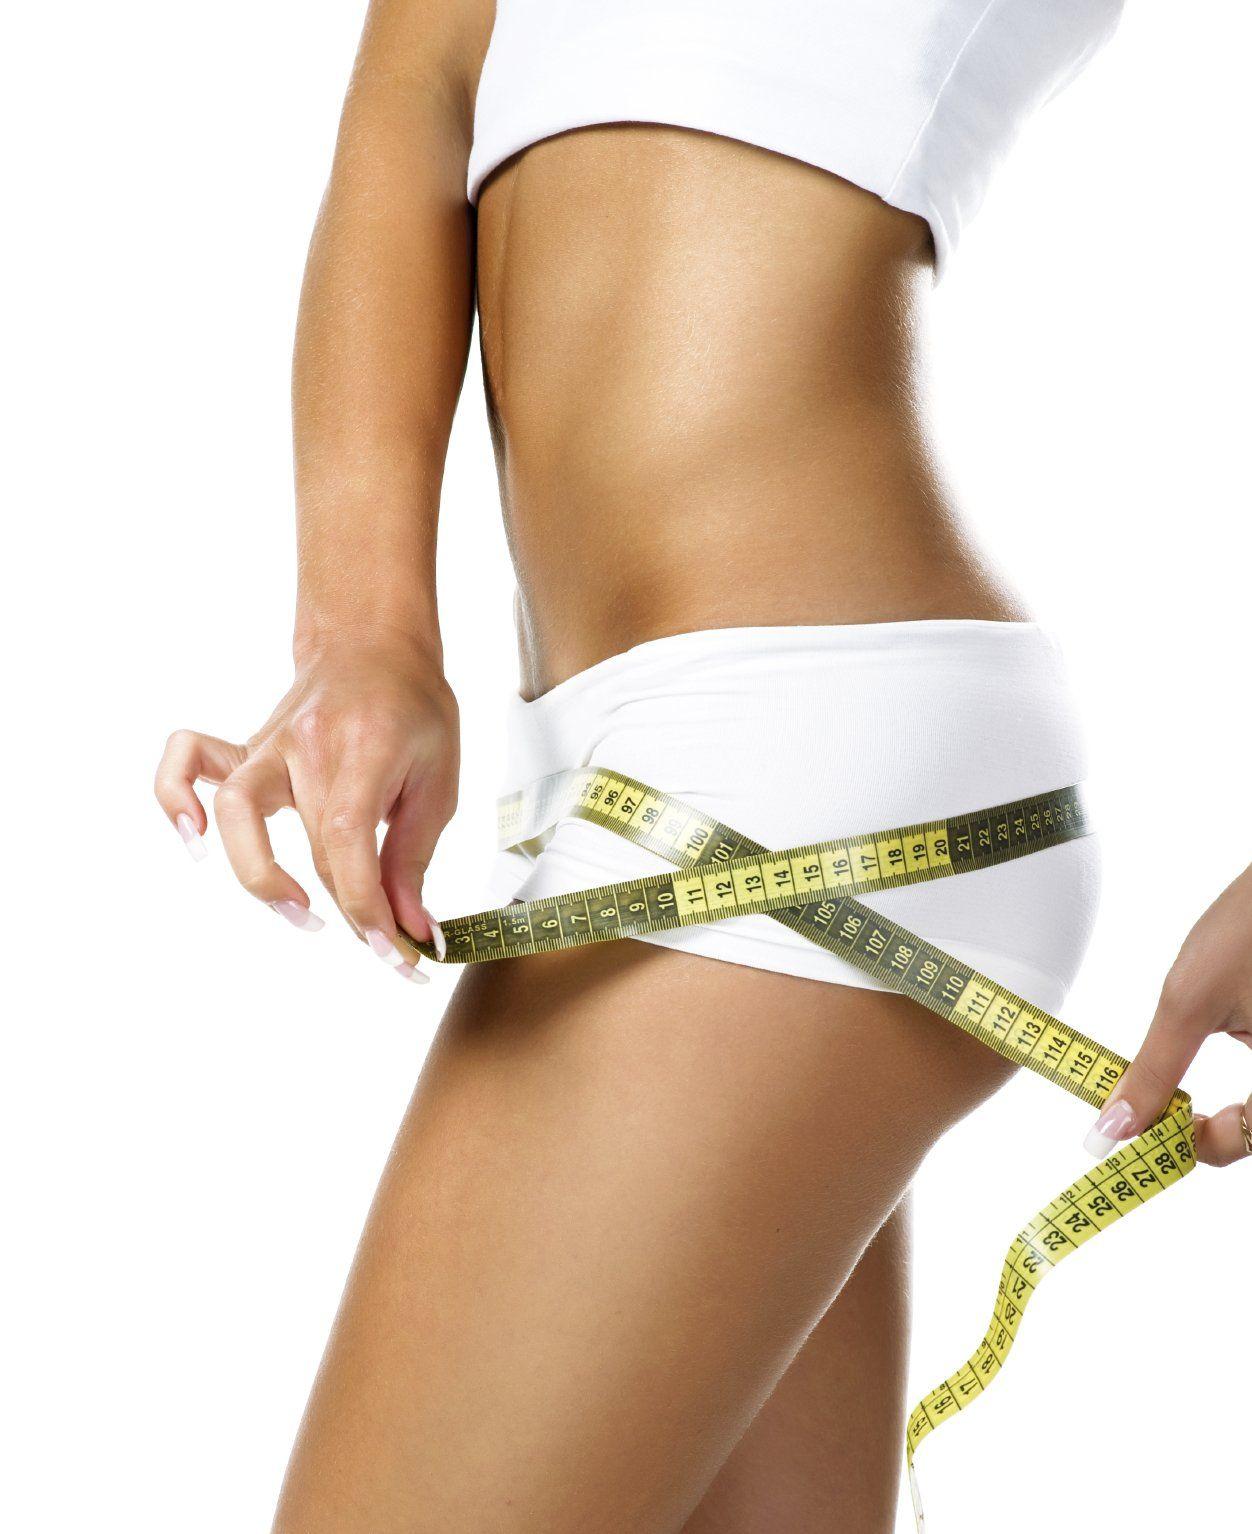 Похудение Медицинские Статьи. Методы похудения: научный подход. Часть 2.